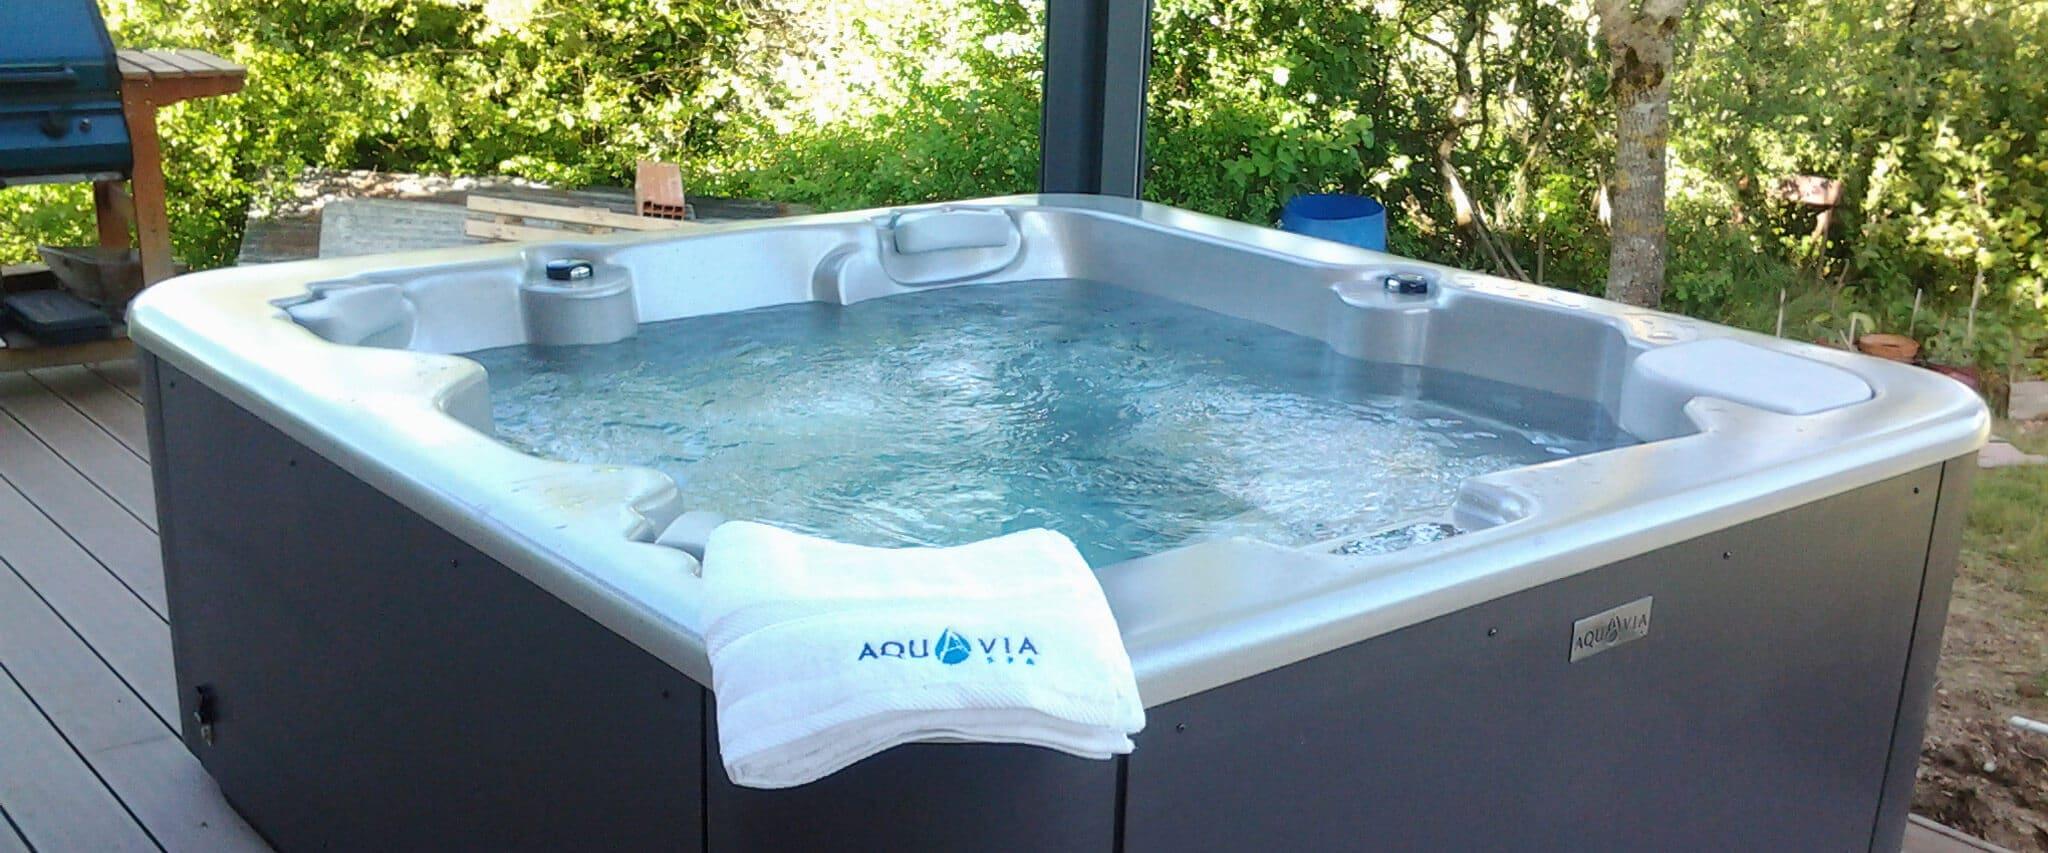 cd4c73881f6798 Spa Aqualife 5, jacuzzi 5 places facile d accès - Aquavia Spa France